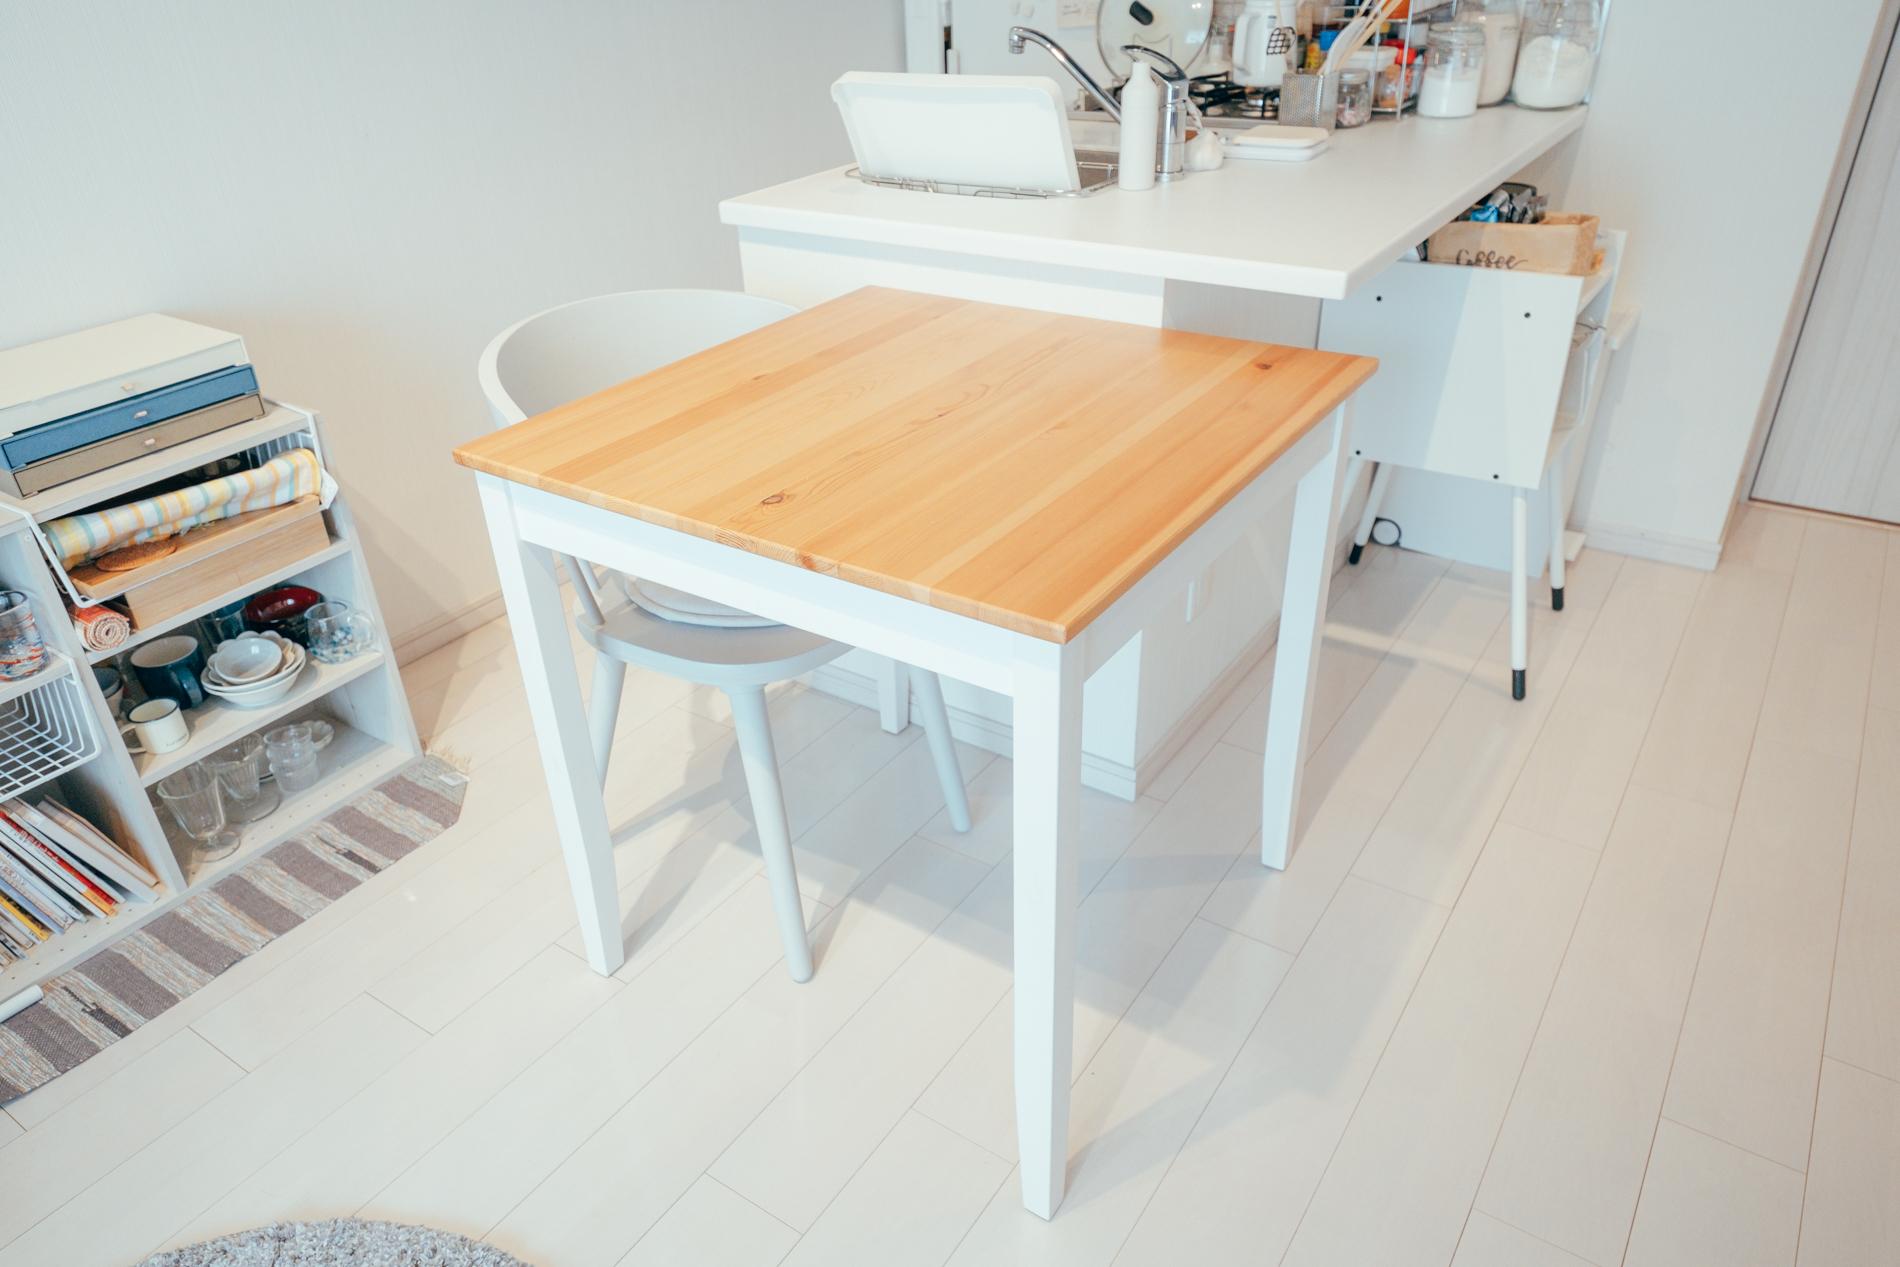 お気に入りだと話すダイニングテーブルは、部屋全体の色を意識しながら選んだものの1つ。ikeaで購入したダイニングテーブルは、白のフローリングに合った脚と、そこに映える明るい木目調のものを選んだのだそう。他の家具とのバランス・相性も抜群にいいですね。